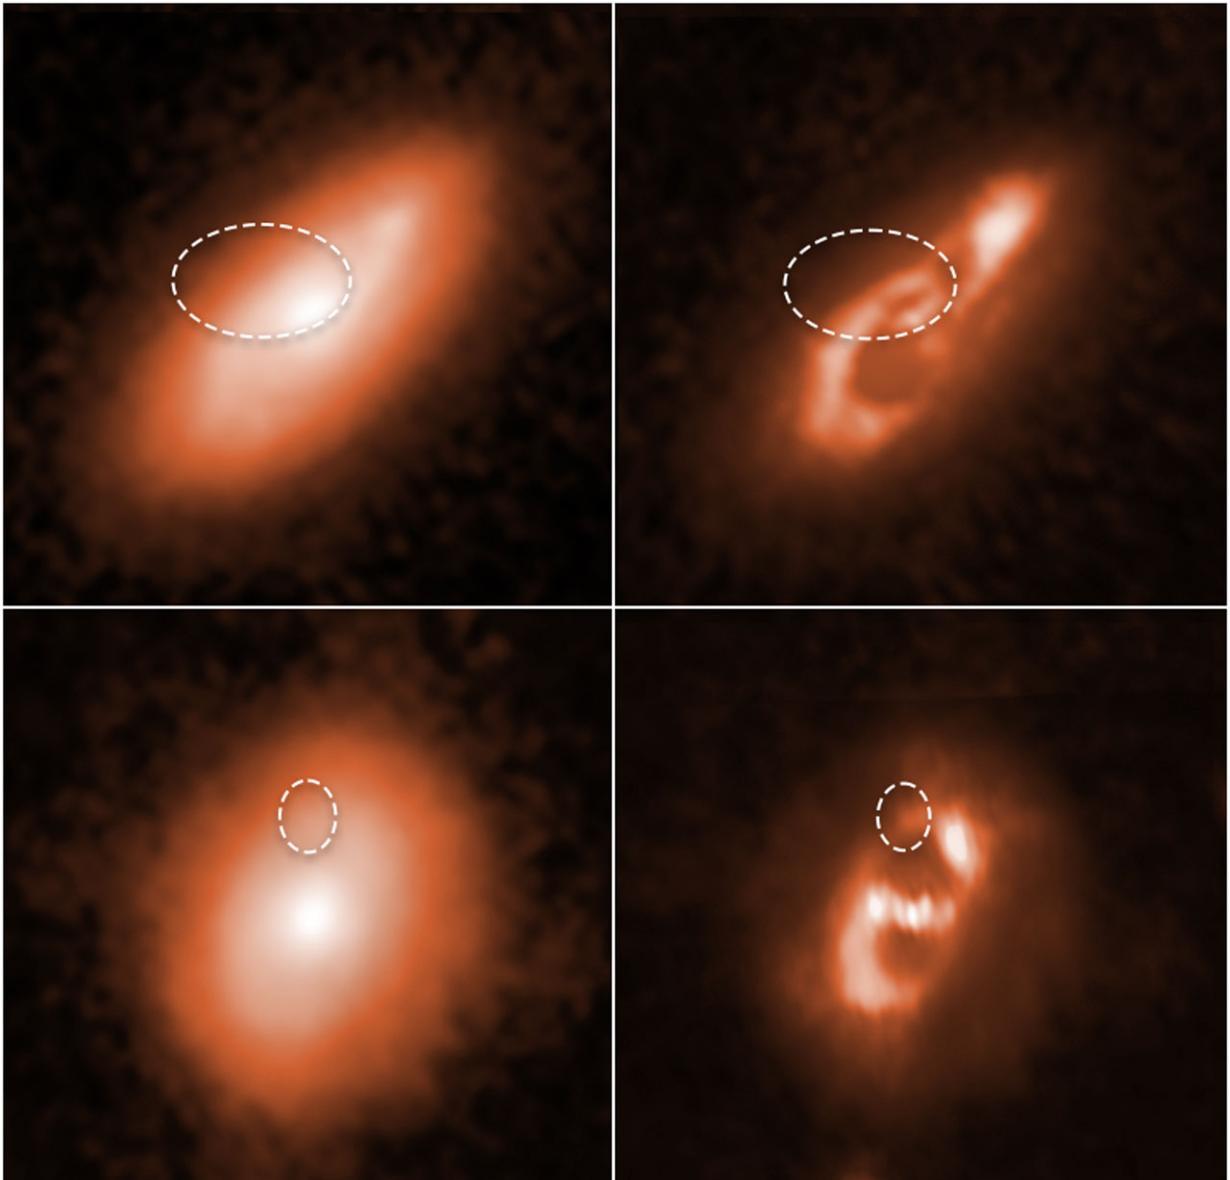 哈勃太空望远镜追踪五个非常短暂和强大的快速射电暴(FRBs)的位置